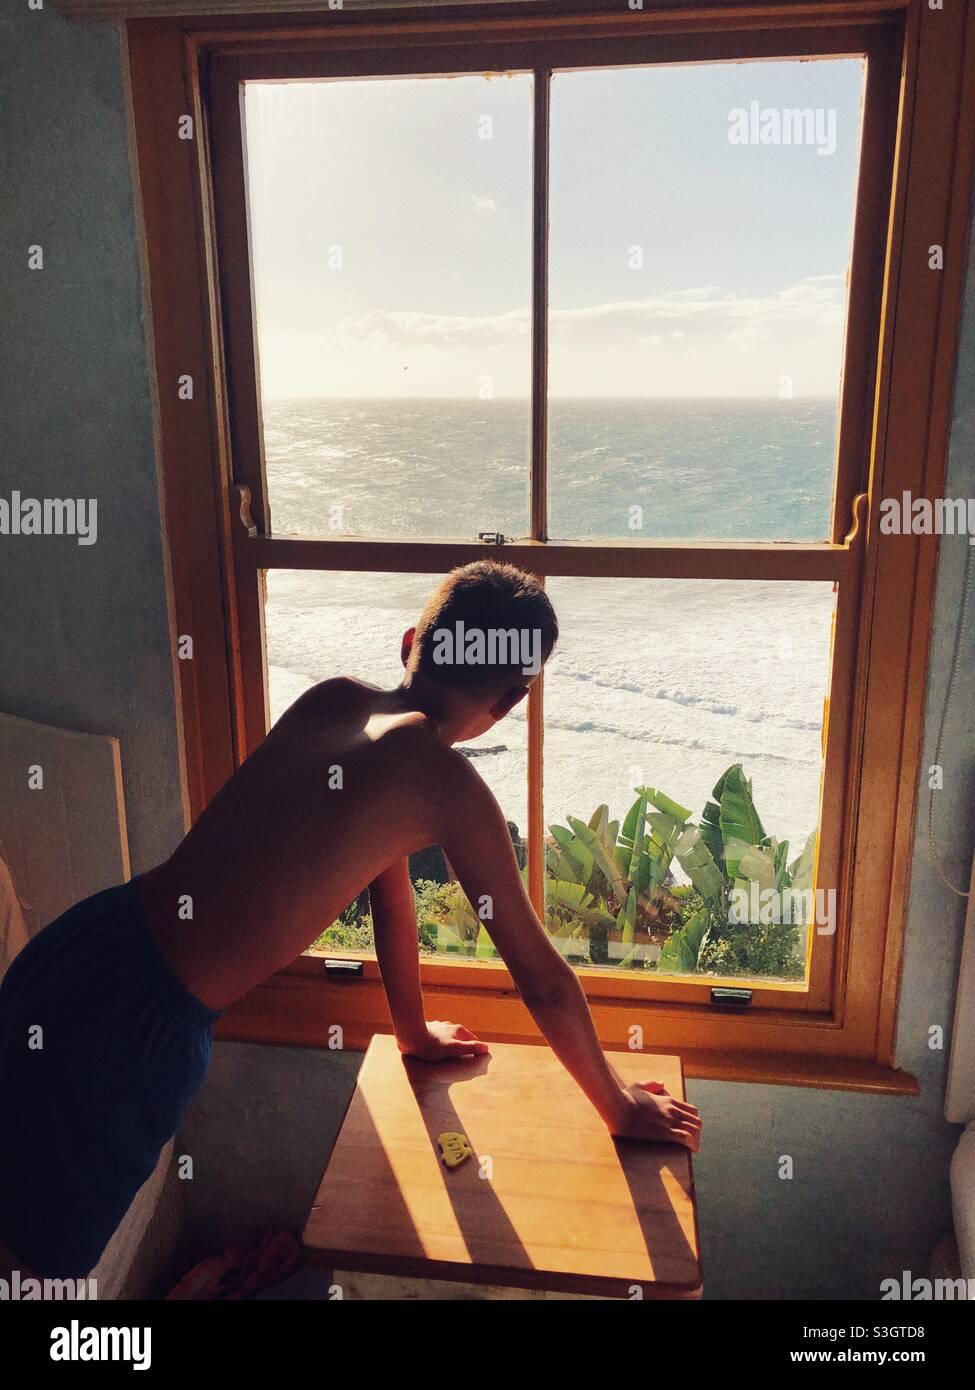 Un ragazzino che guarda fuori la finestra al sole sorge sull'Oceano Indiano Foto Stock